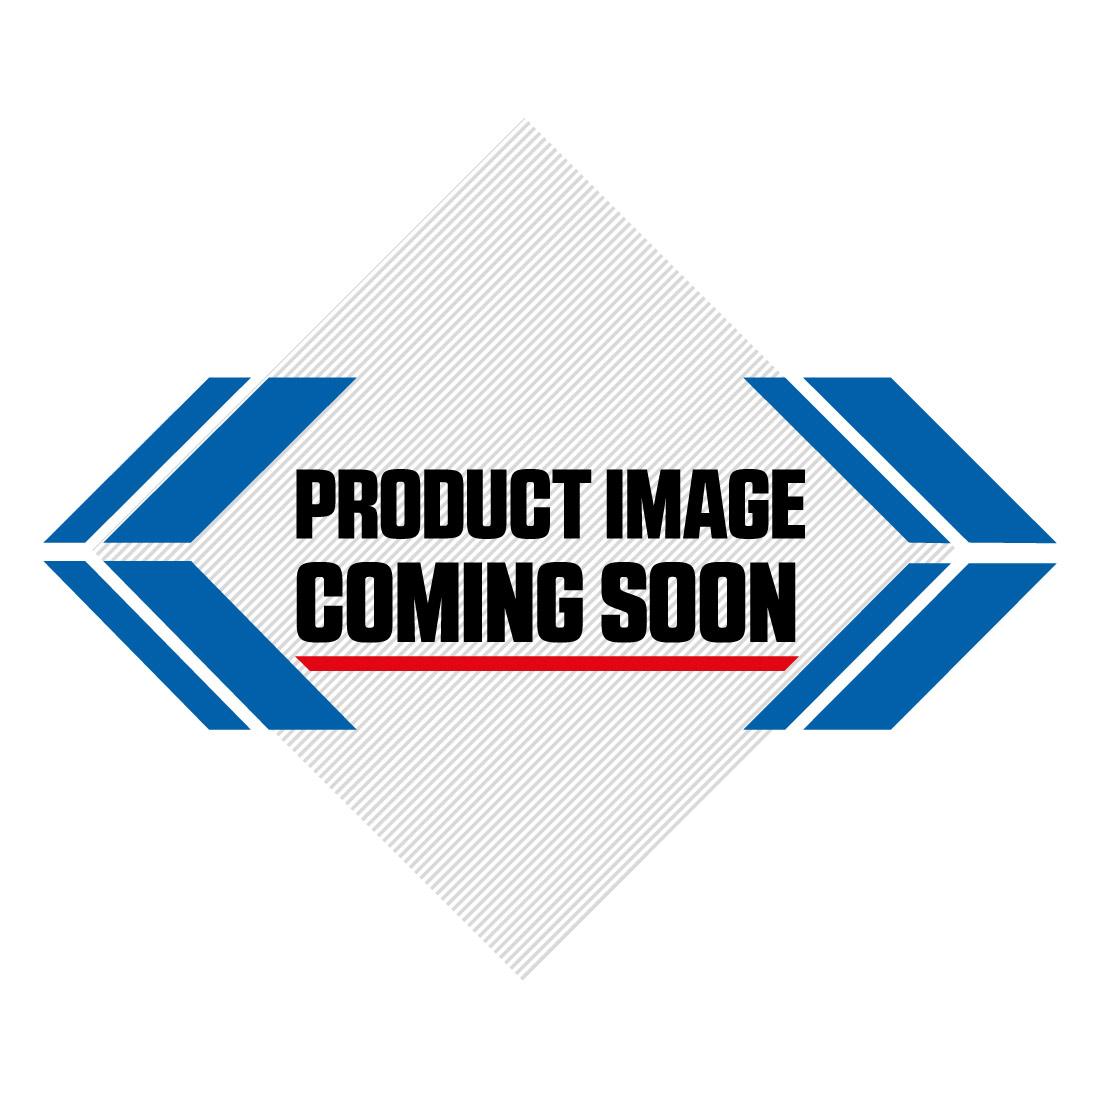 UFO Plastic Kit Husqvarna OEM Factory Image-1